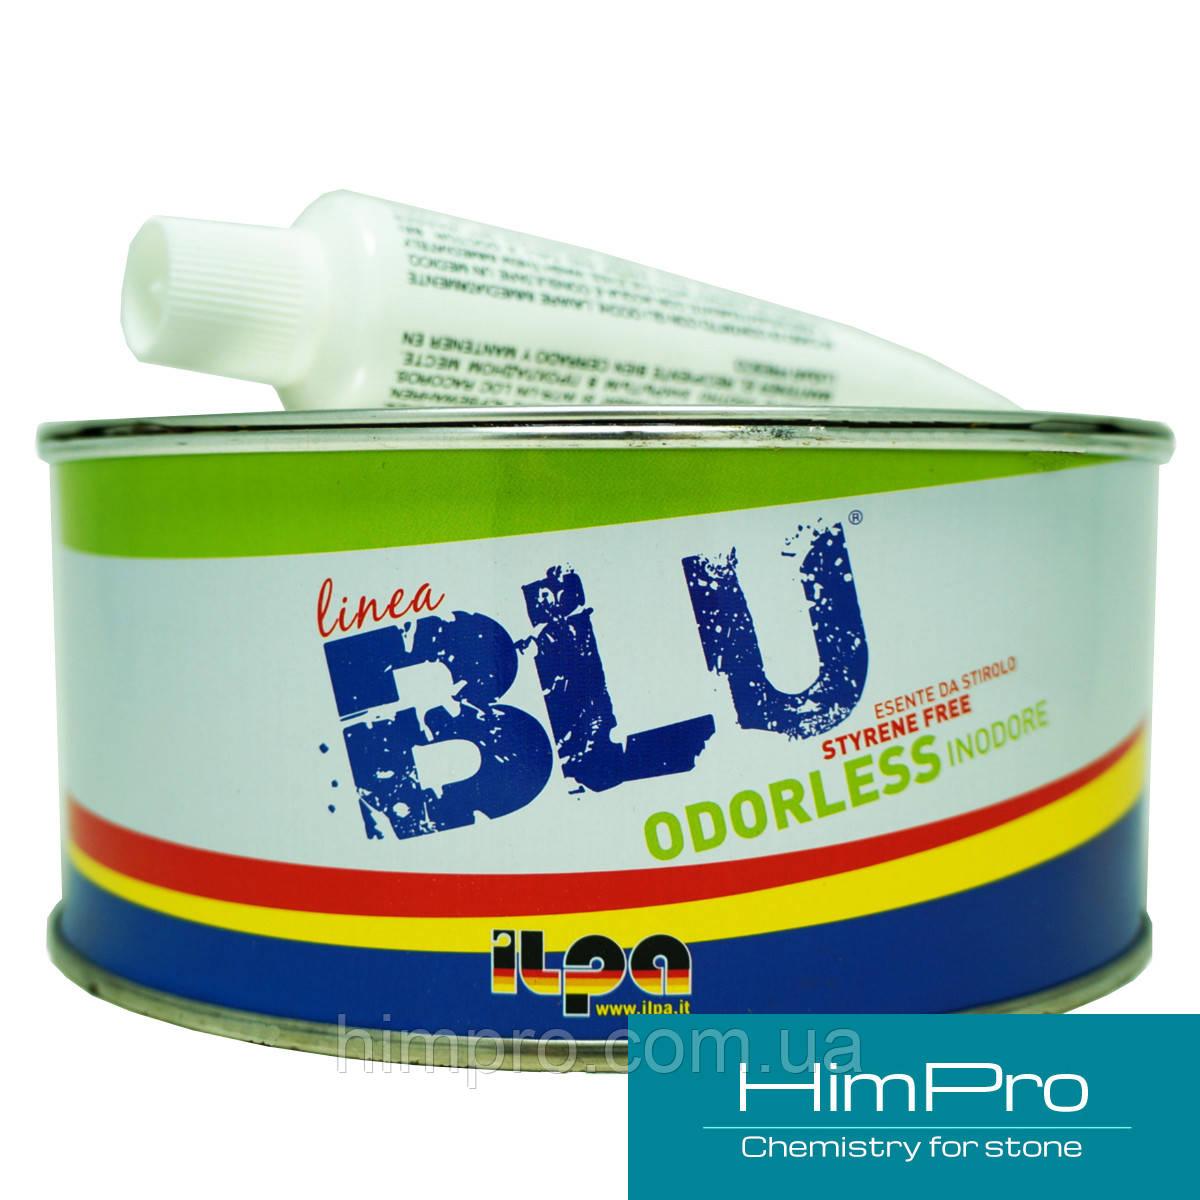 BLU LINE paglierino JOLLY 1L Двухкомпонентная мастика на основе акриловых и метакриловых растворителей